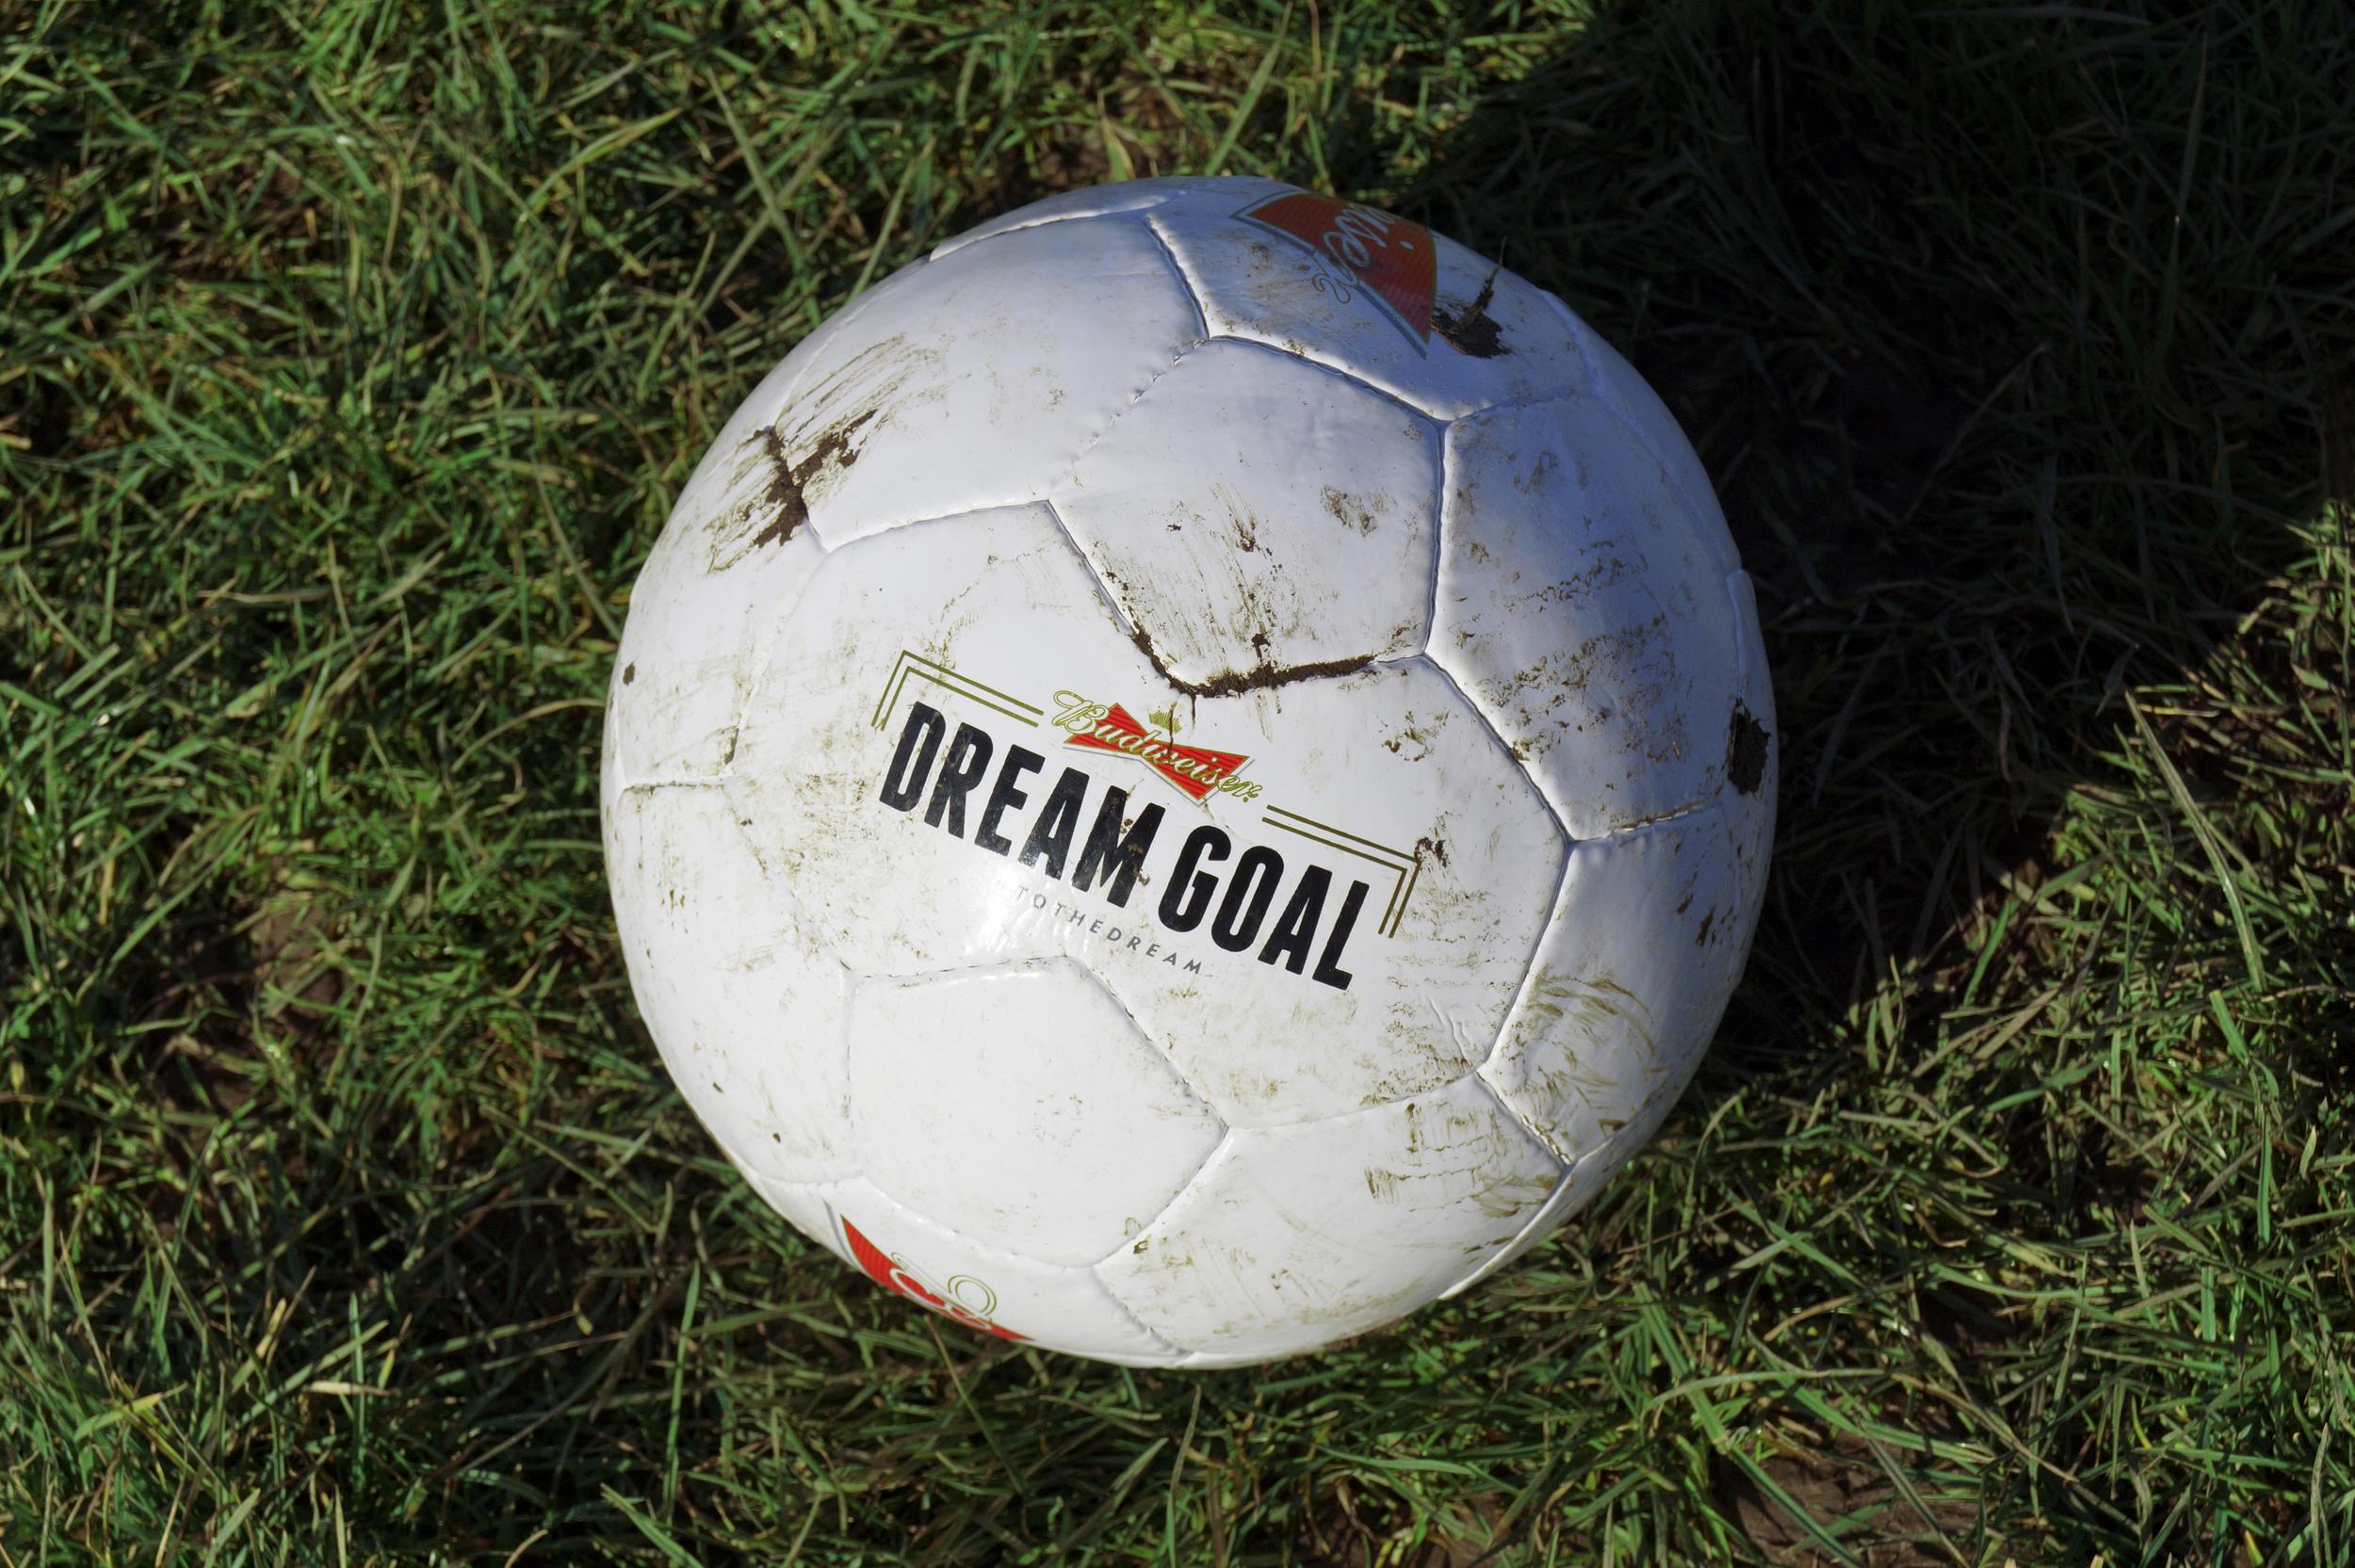 Budweiser Dream Goal Football